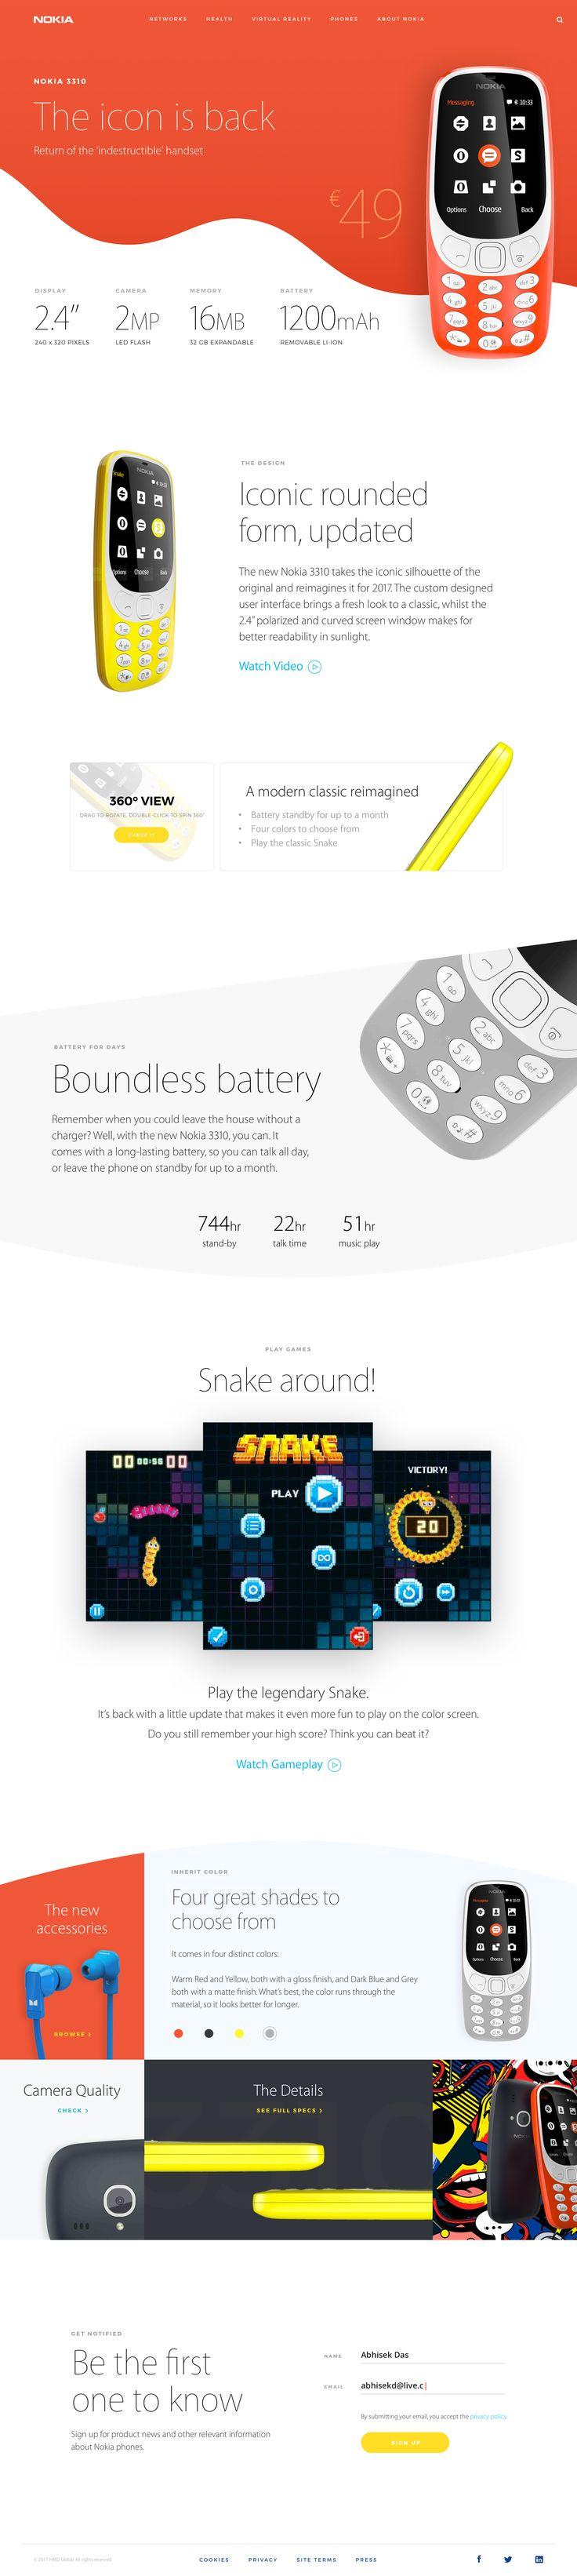 Nokia 3310 landing page